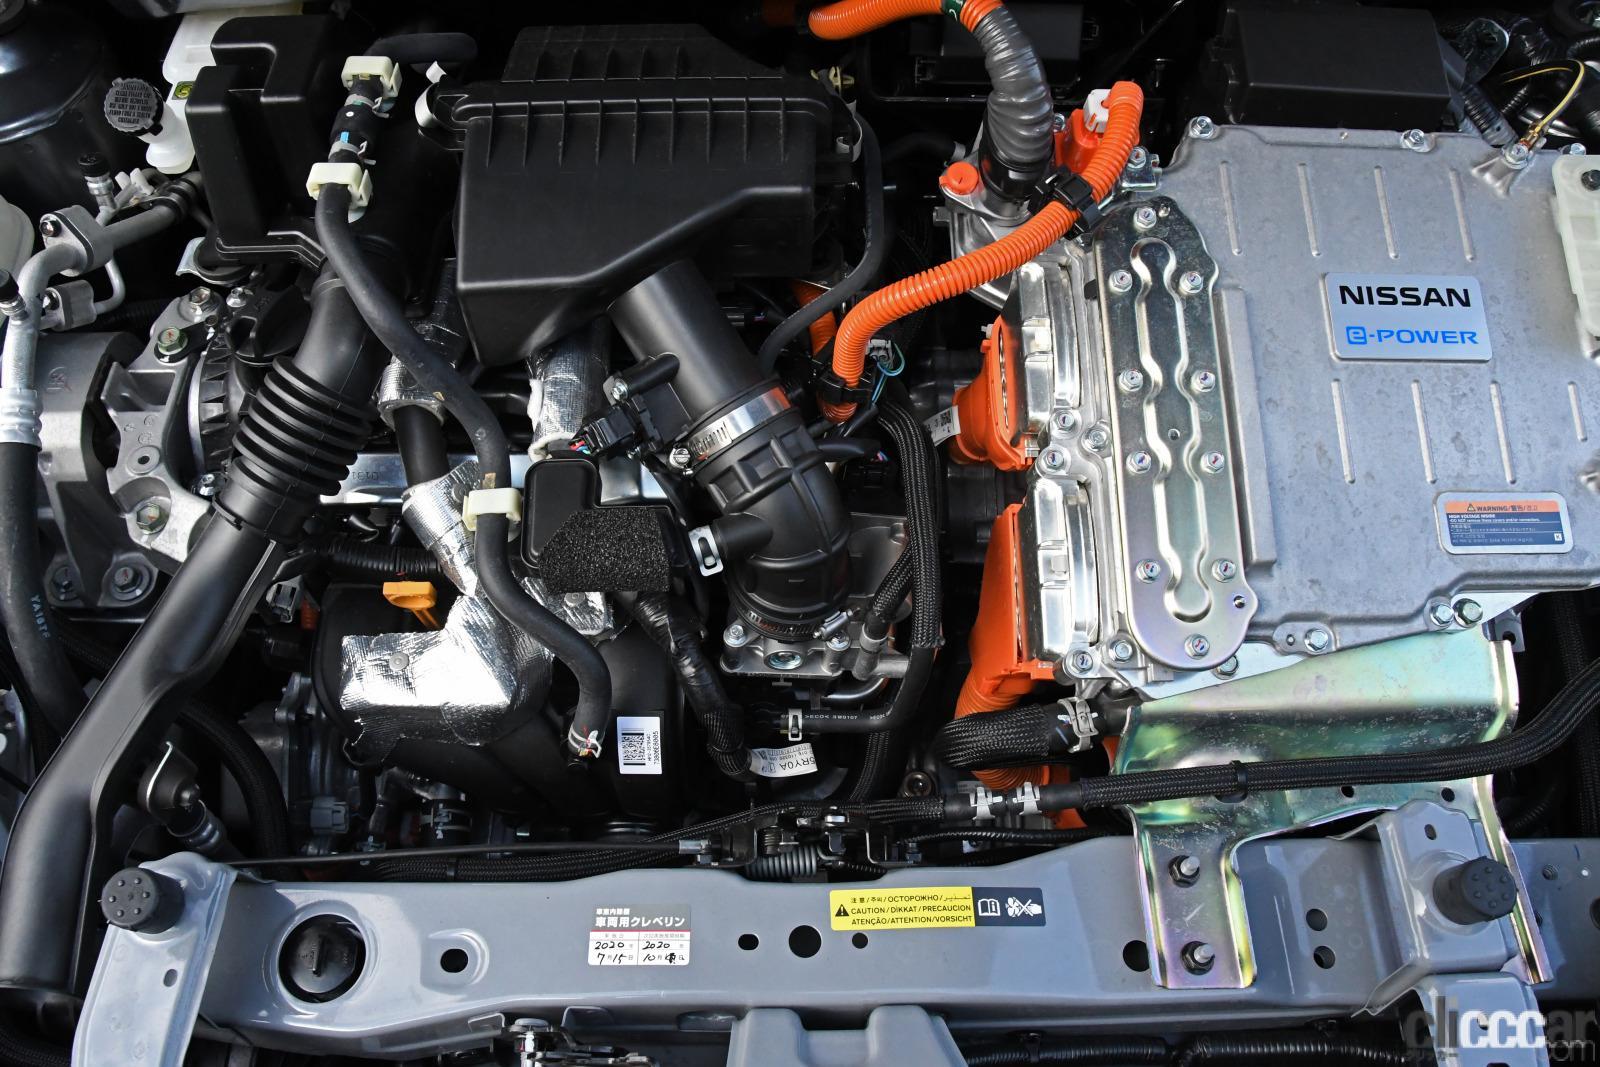 「SUVのeパワー搭載モデルが登場。コンパクトカー、ミニバンに続く第3弾【日産キックス試乗】」の3枚目の画像